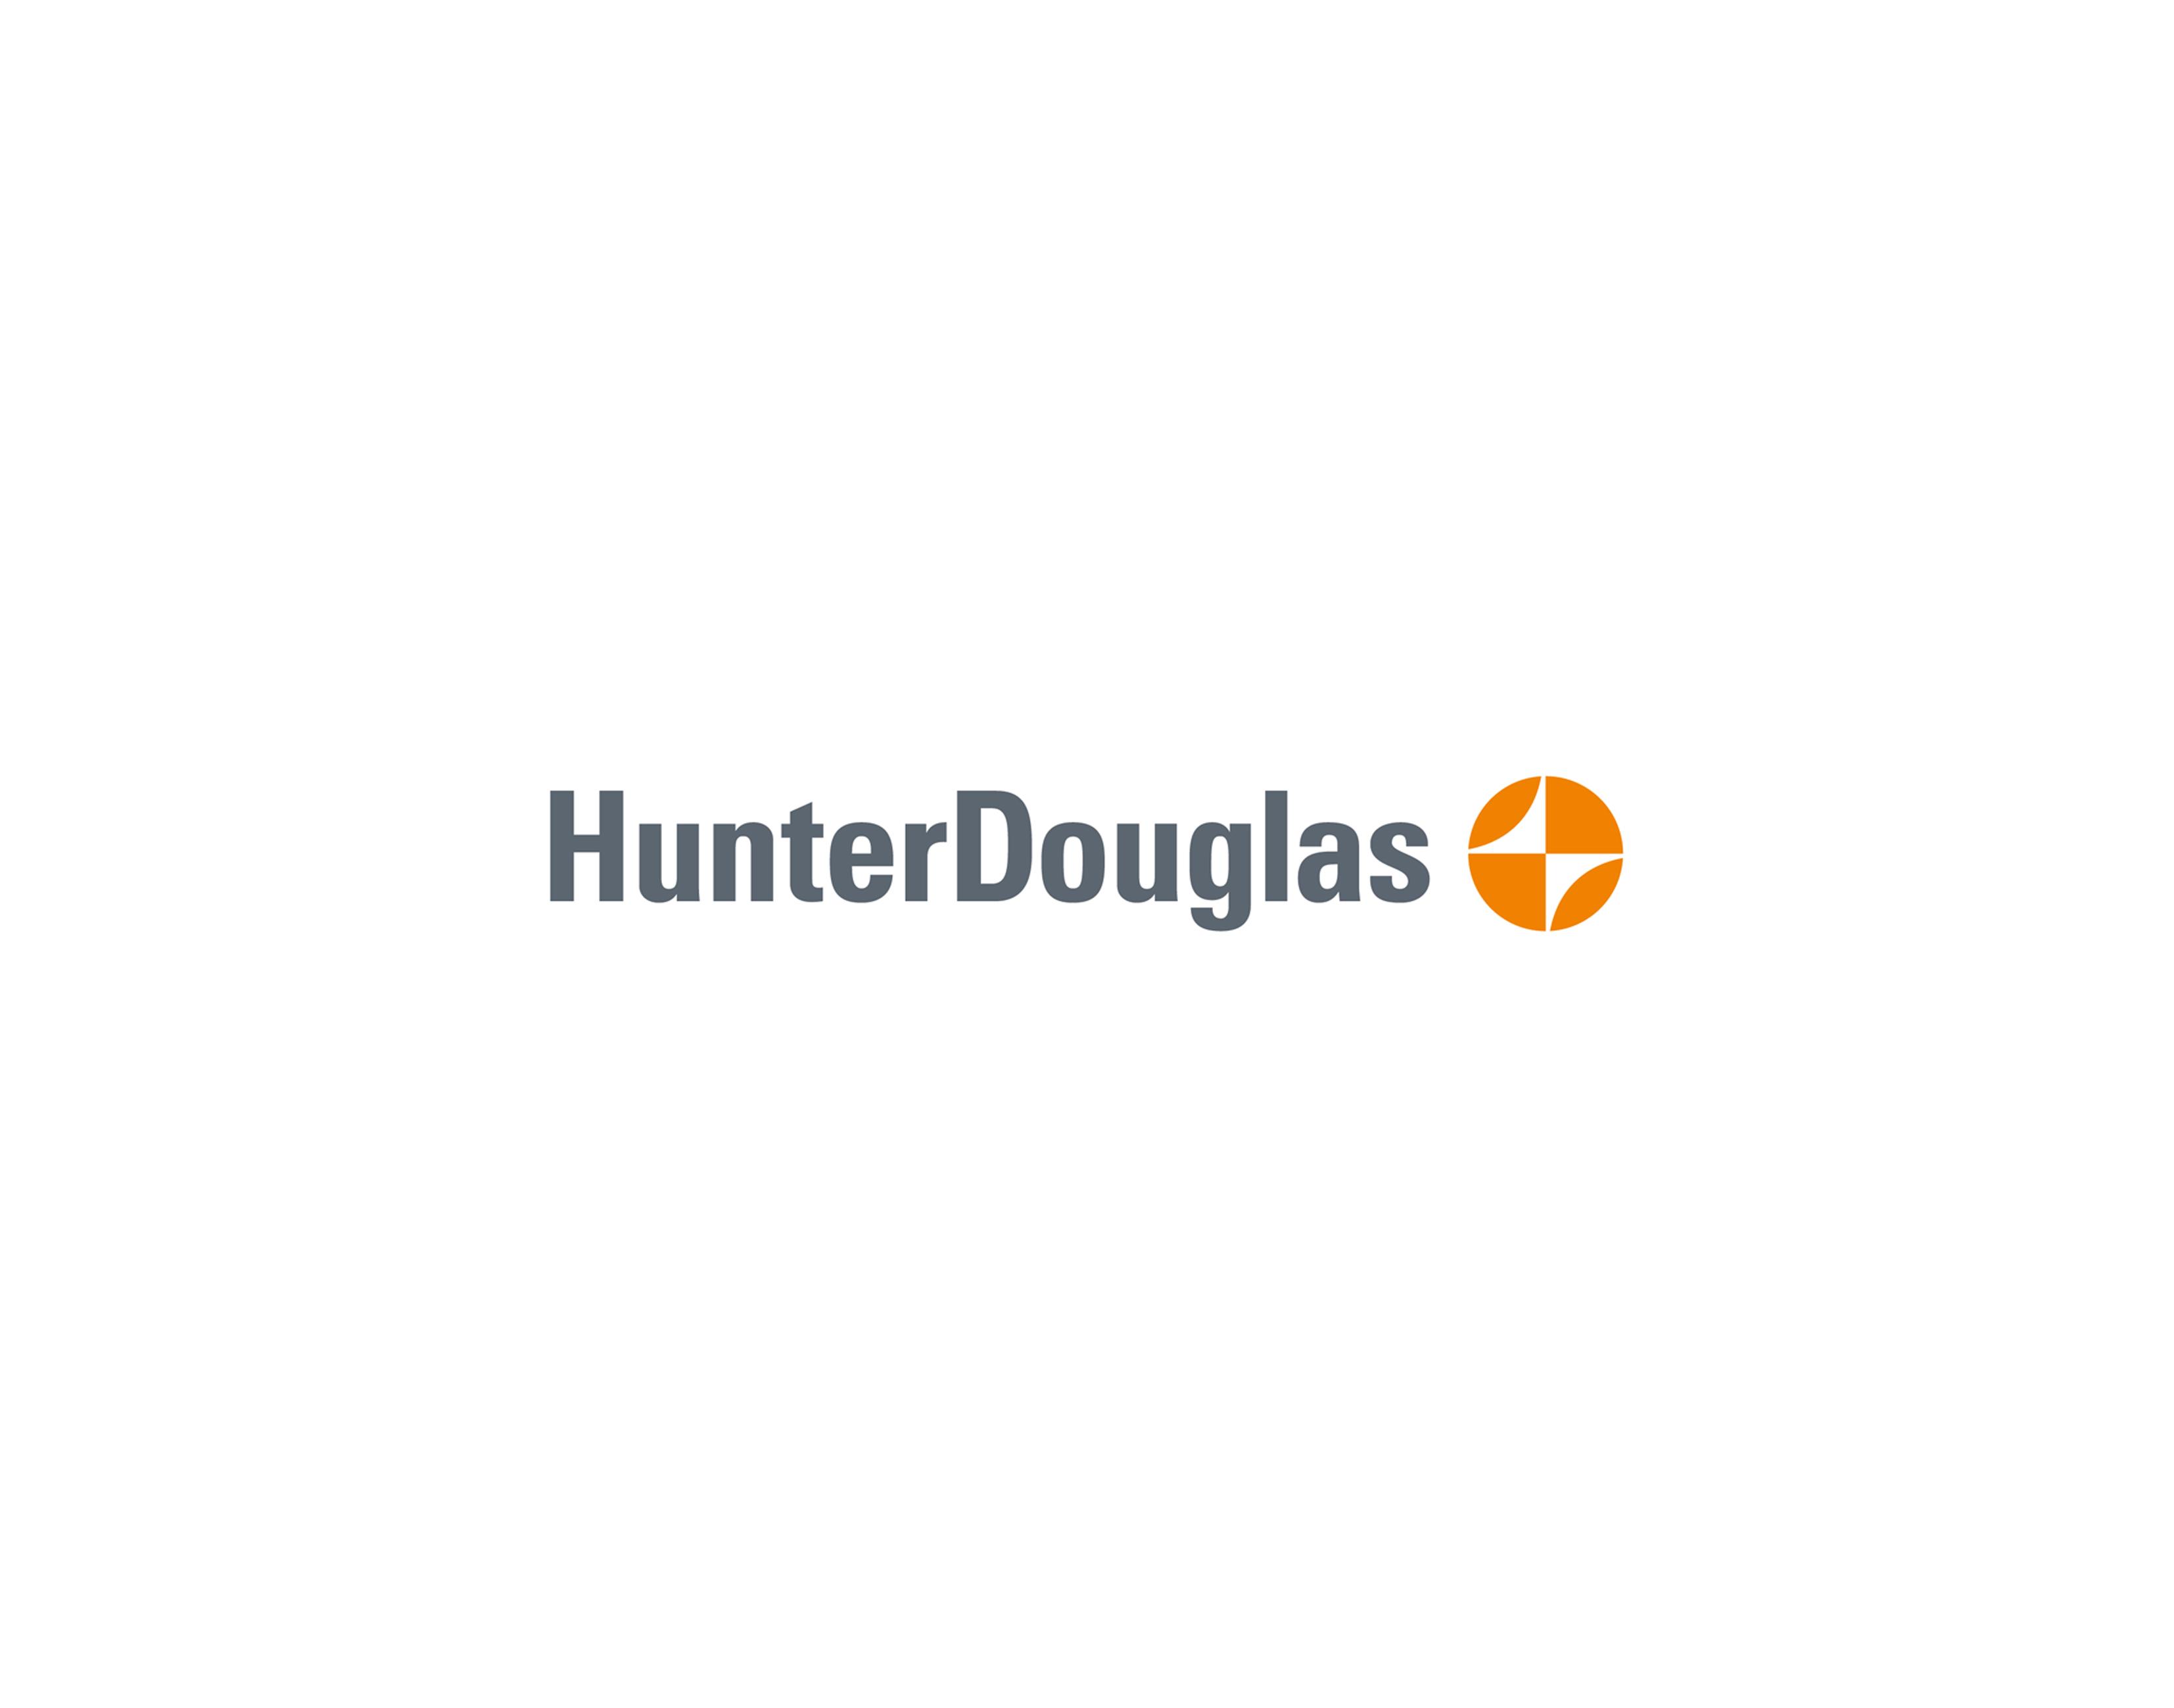 logo-editado-HUNTER-DOUGLAS